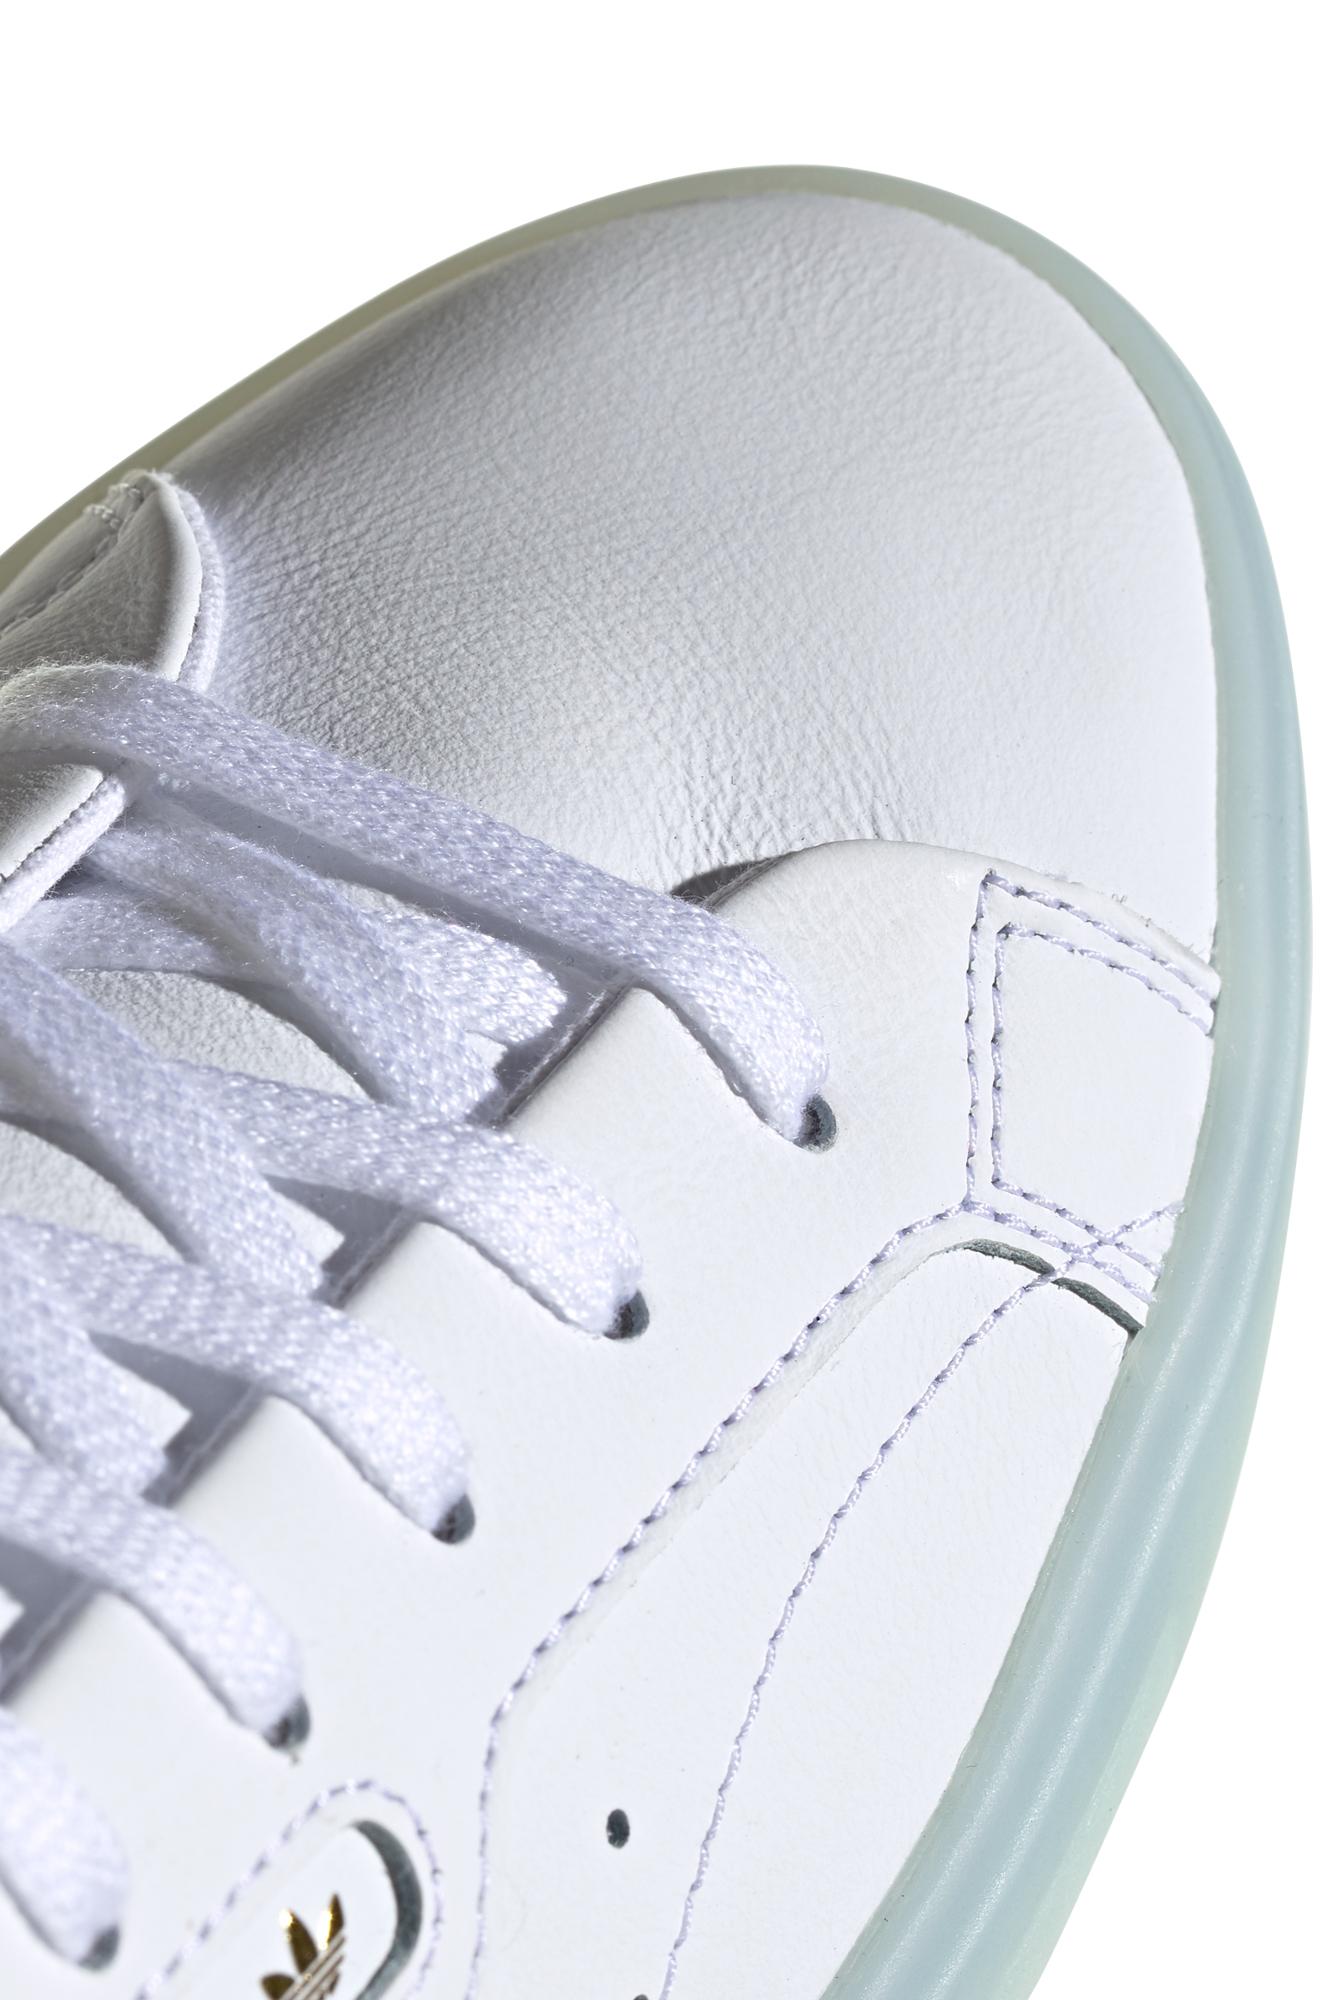 c76885a1 Buty adidas Originals Sleek - G27342 / Na co dzień / Buty / Damskie ...